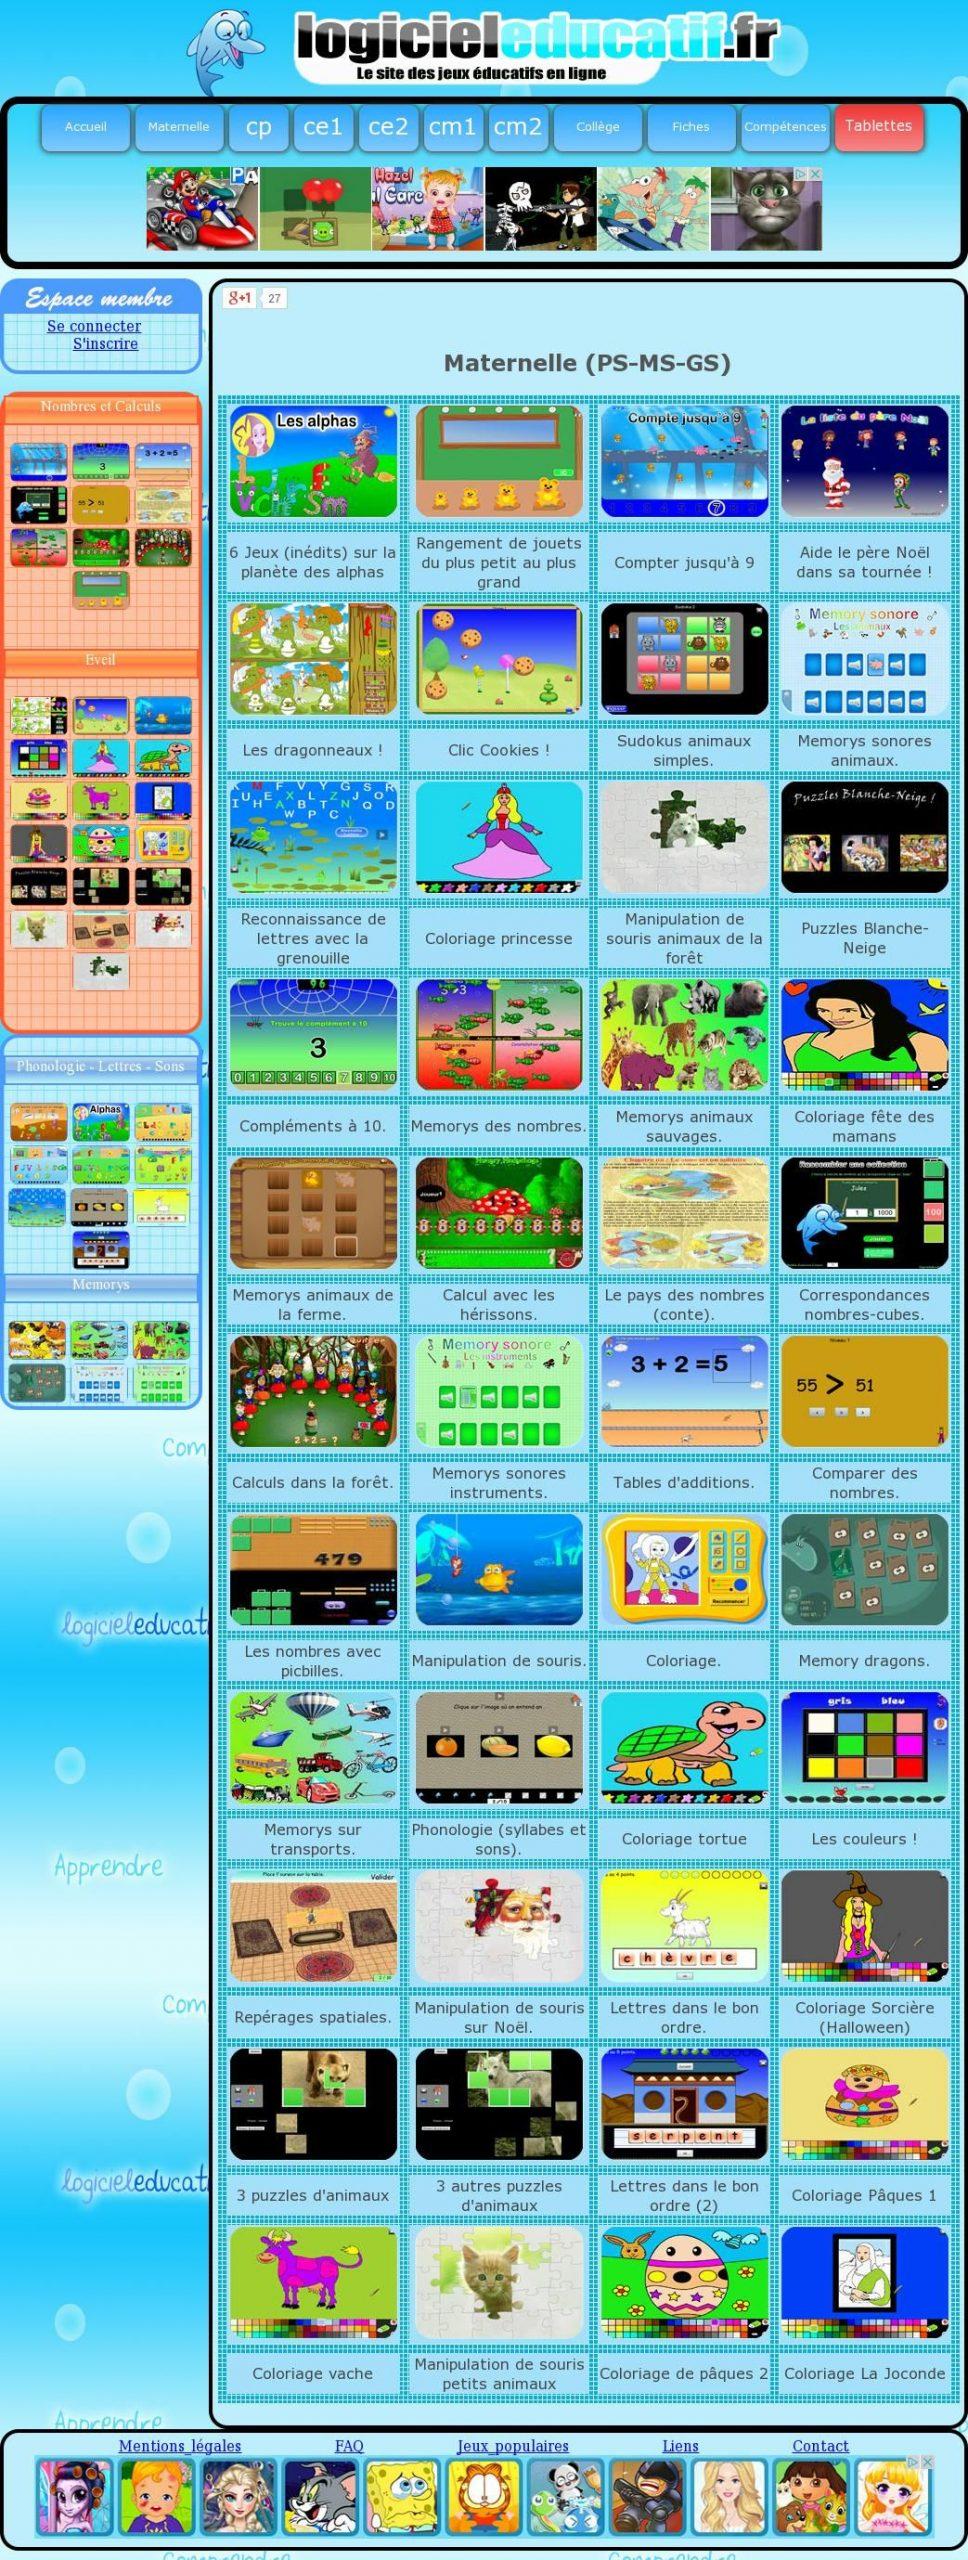 Logiciel Éducatif : Jeux Éducatifs Gratuits En Ligne De La à Jeux Éducatifs En Ligne Cp